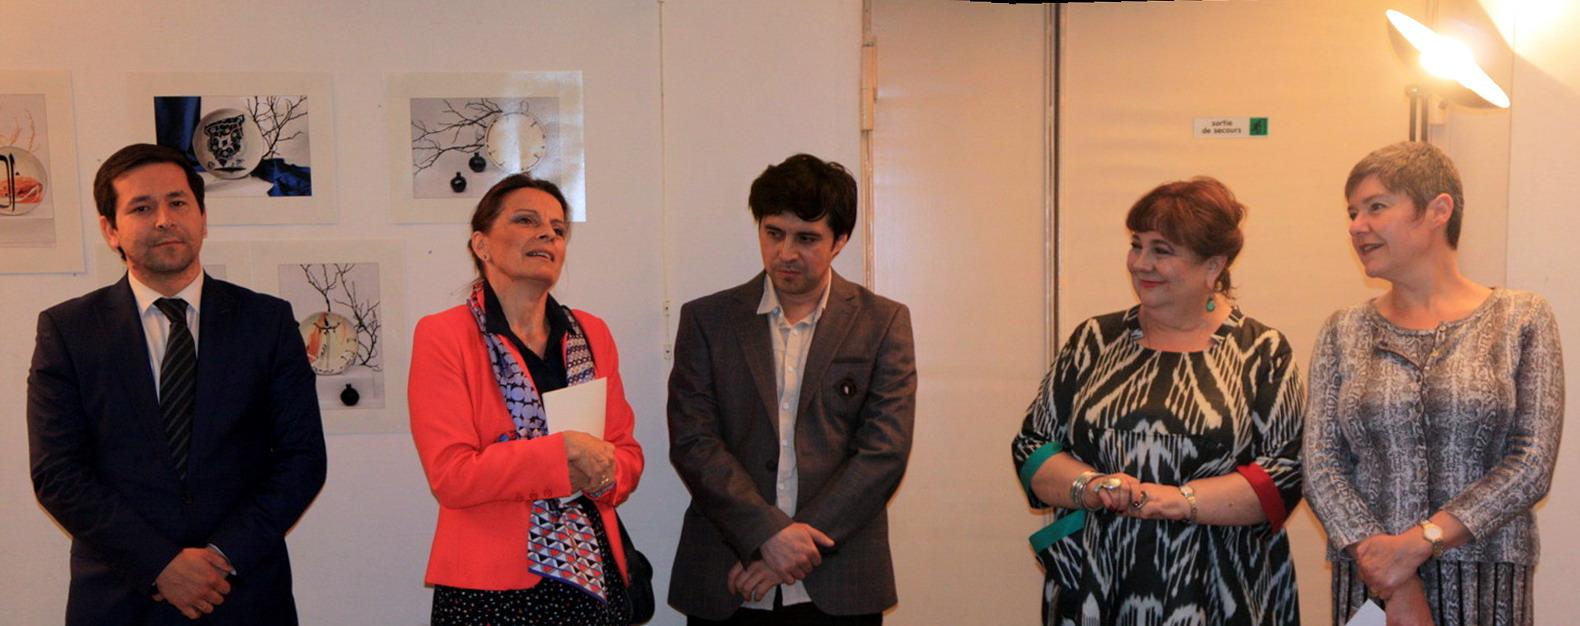 Посол Франции. Несколько слов о выставке и об Абдувахиде Бухори.